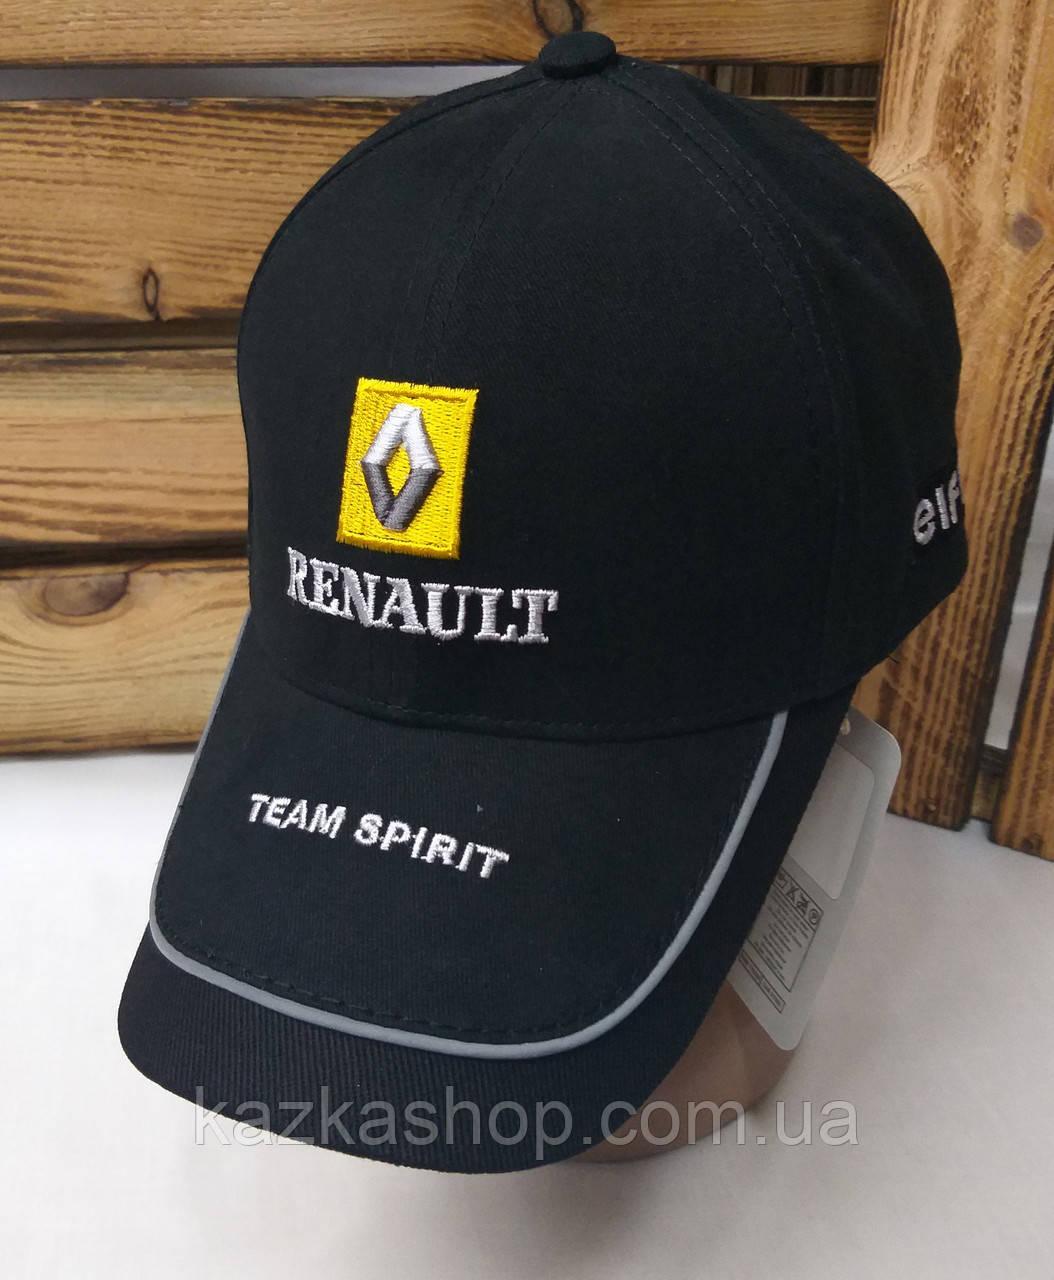 Стильная мужская котоновая кепка, бейсболка, вышивка логотипа Renault, светоотражающий эффект,  размер 58